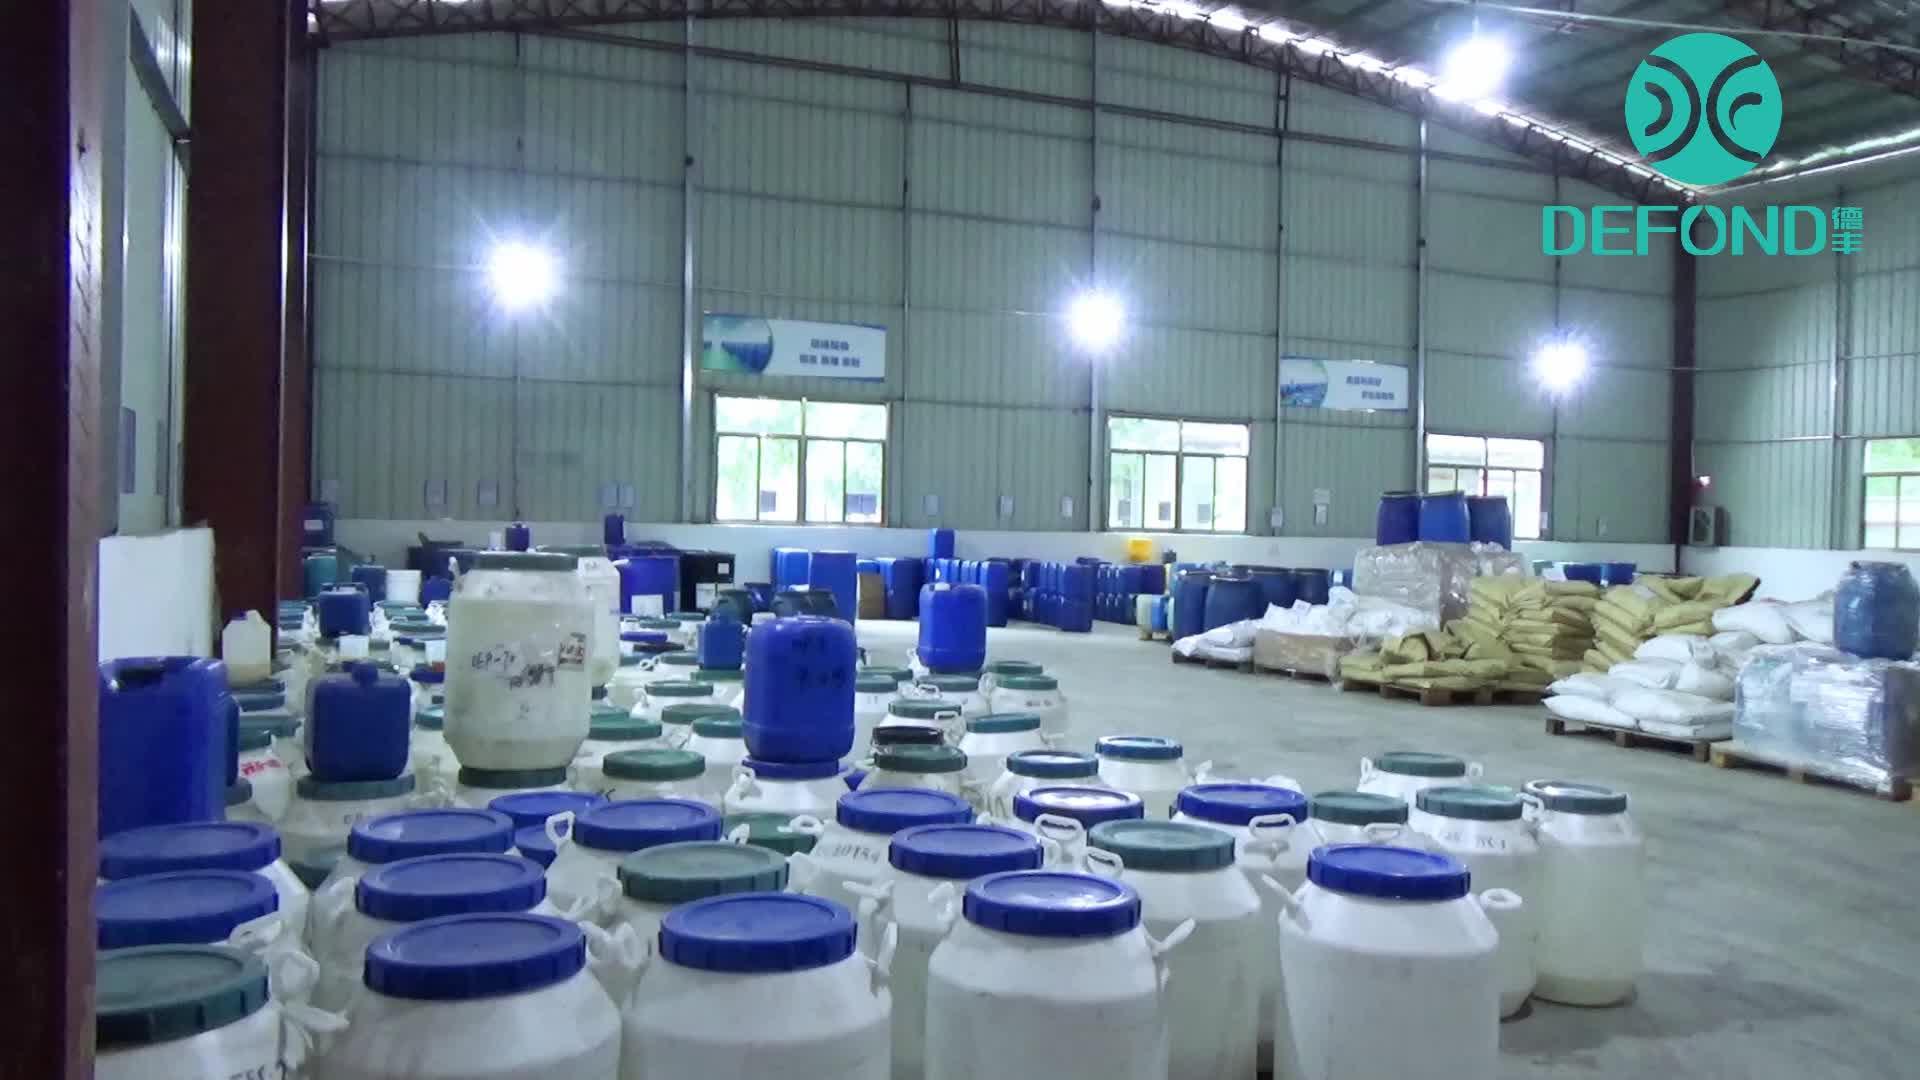 Bán hàng trực tuyến dầu dựa trên fluorosilicone không silicone defoamer nhà máy nhà sản xuất